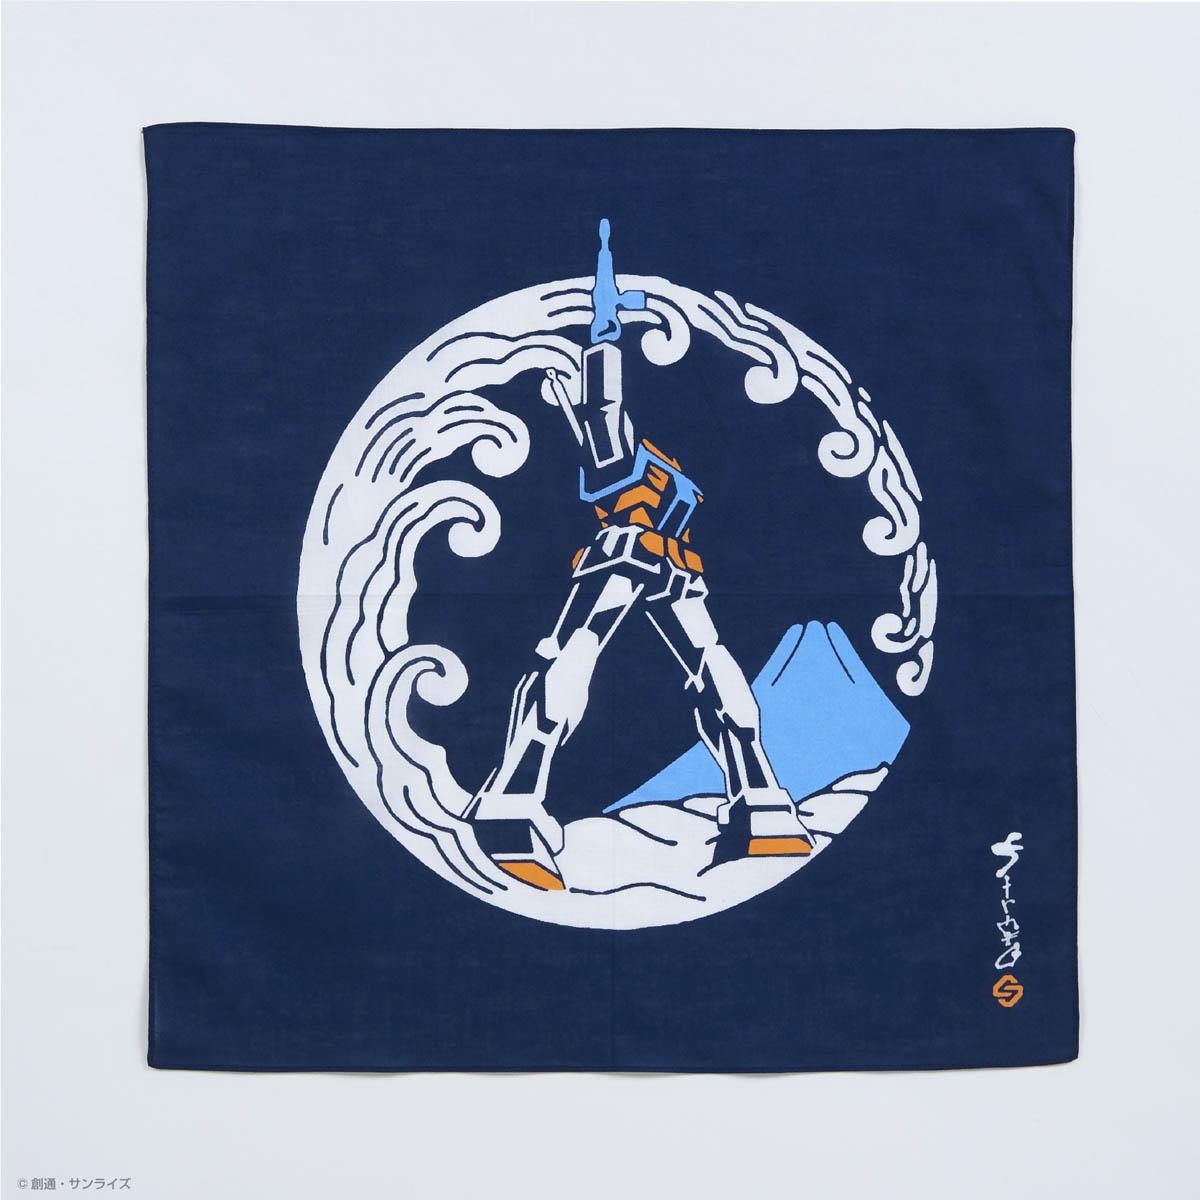 STRICT-G JAPAN 「機動戦士ガンダム」 ハンカチ ラストシューティング浪裏紋様柄